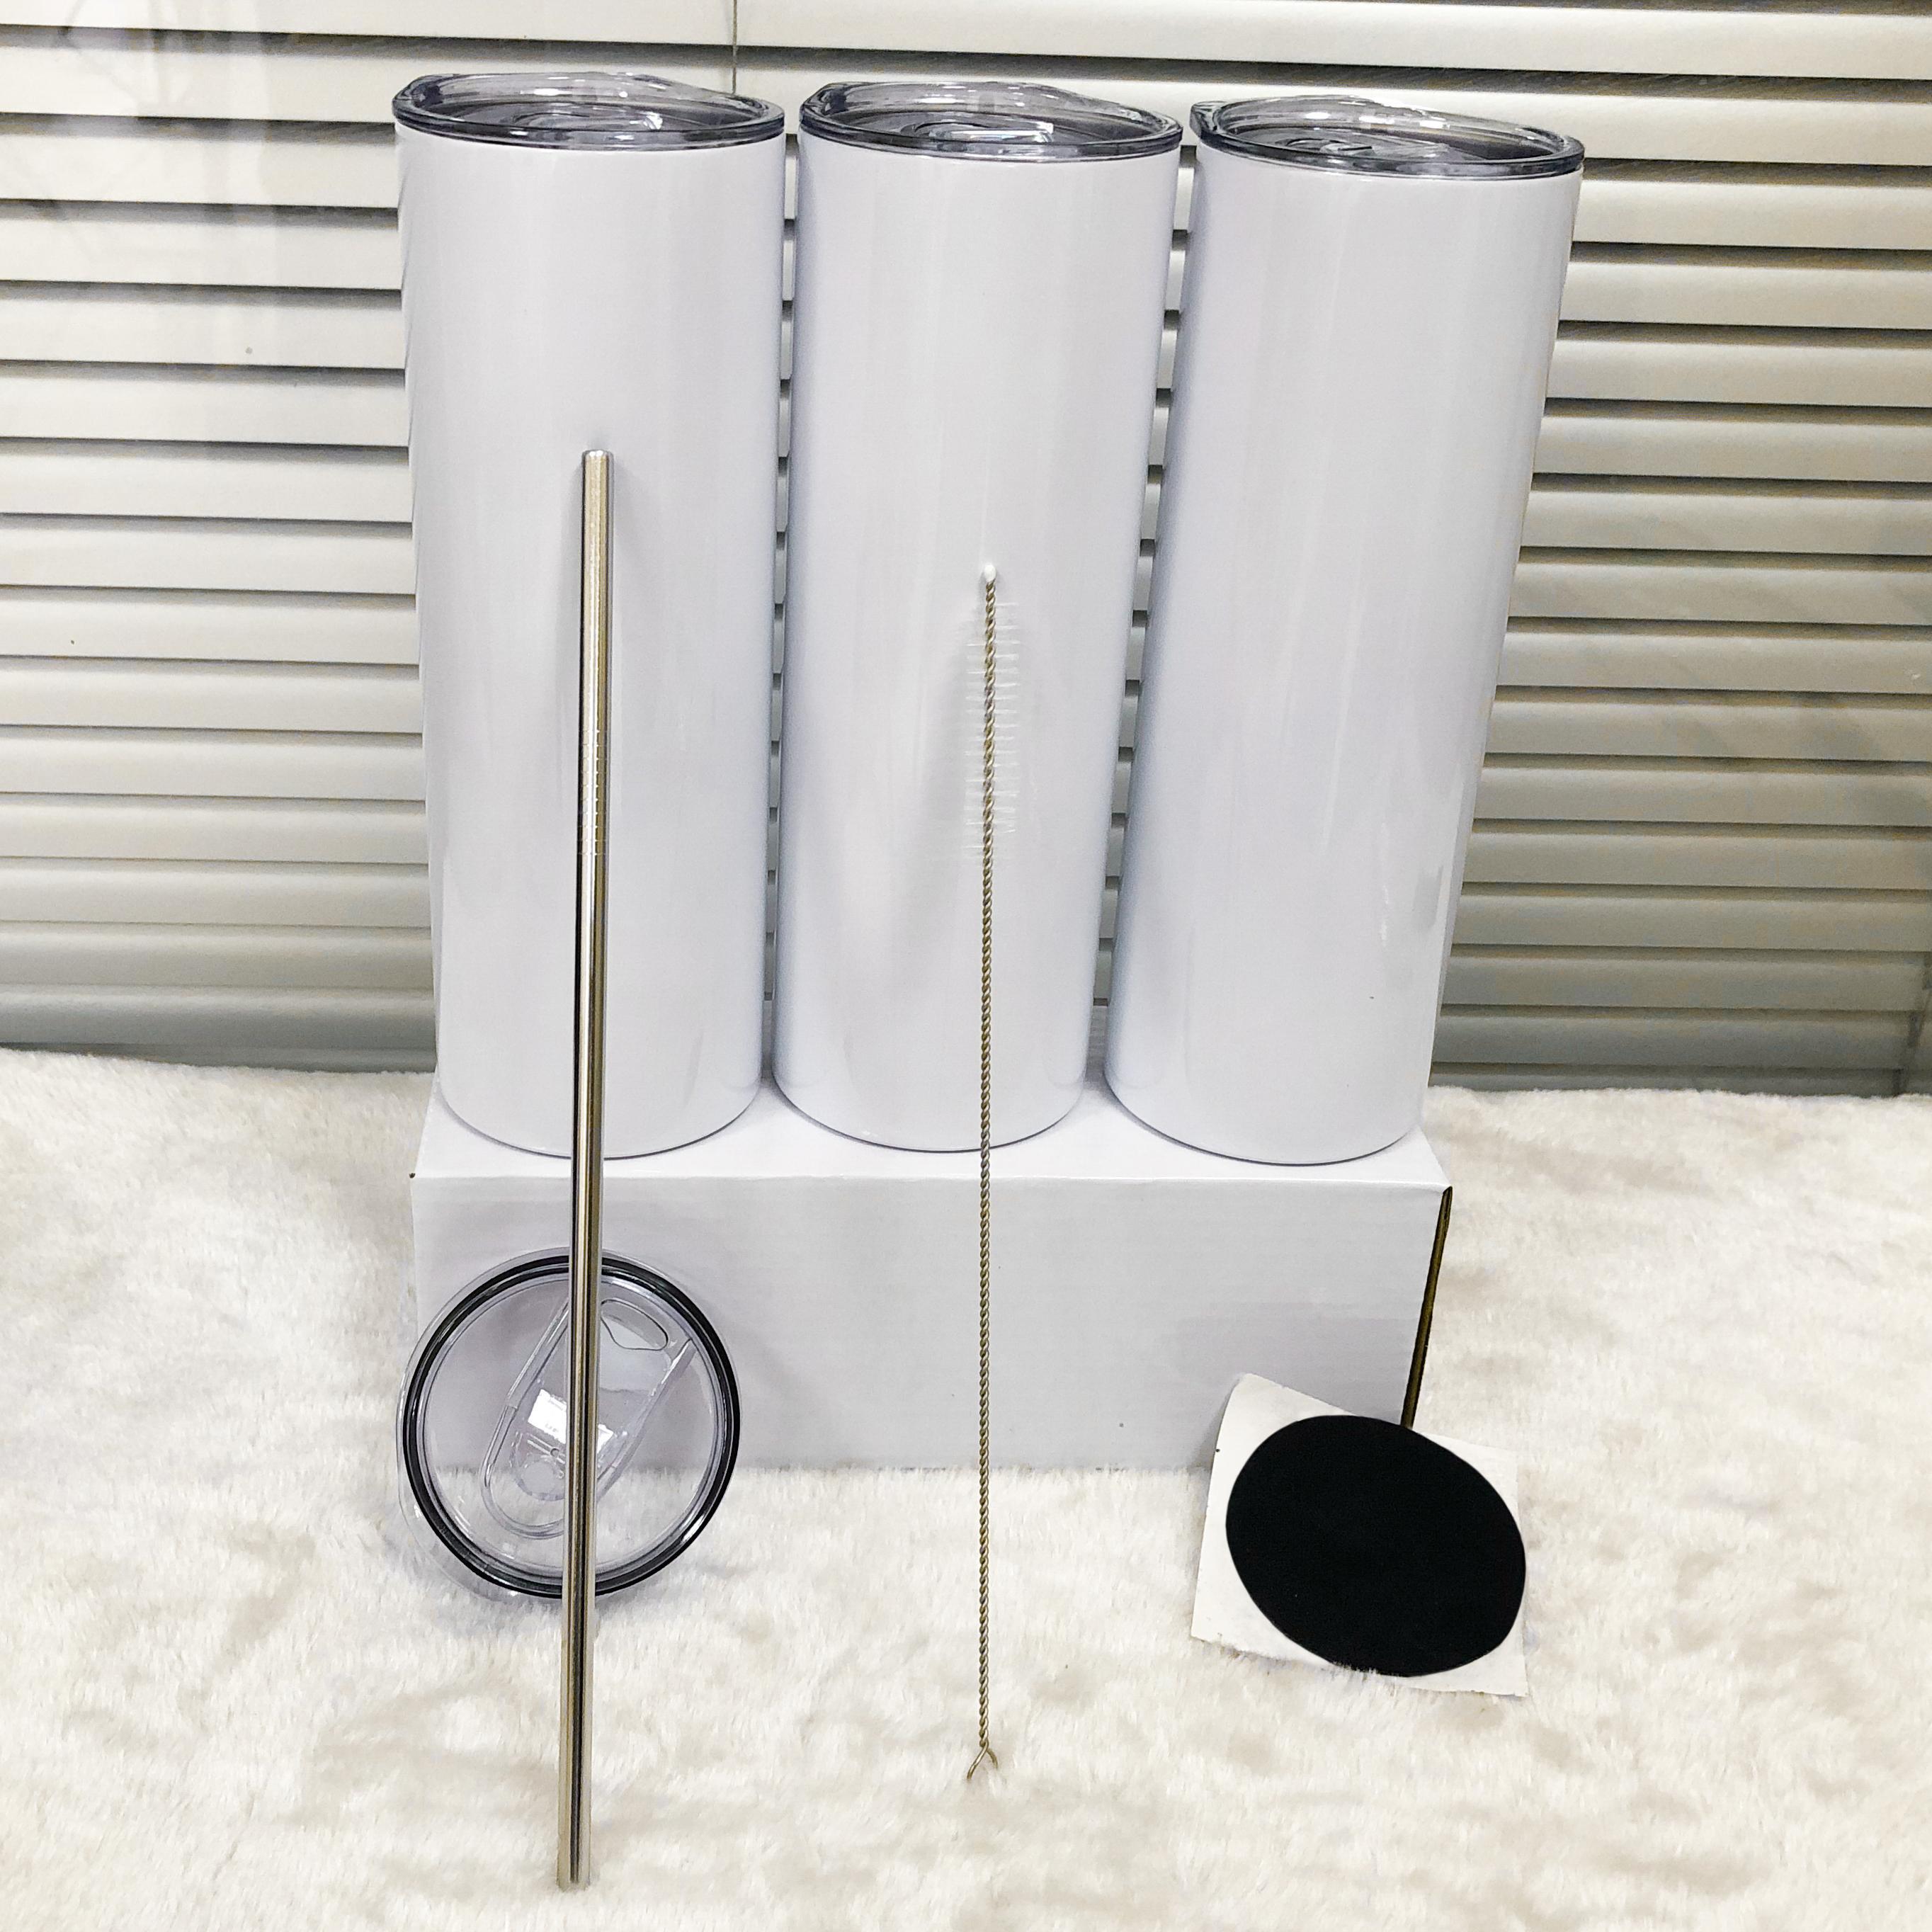 20OZ SULLIMATION Gerade Tumbler Leere weiße dünne Edelstahlbecher 20 oz Vakuum isolierte doppelwandige Becher und Kunststoffhalm